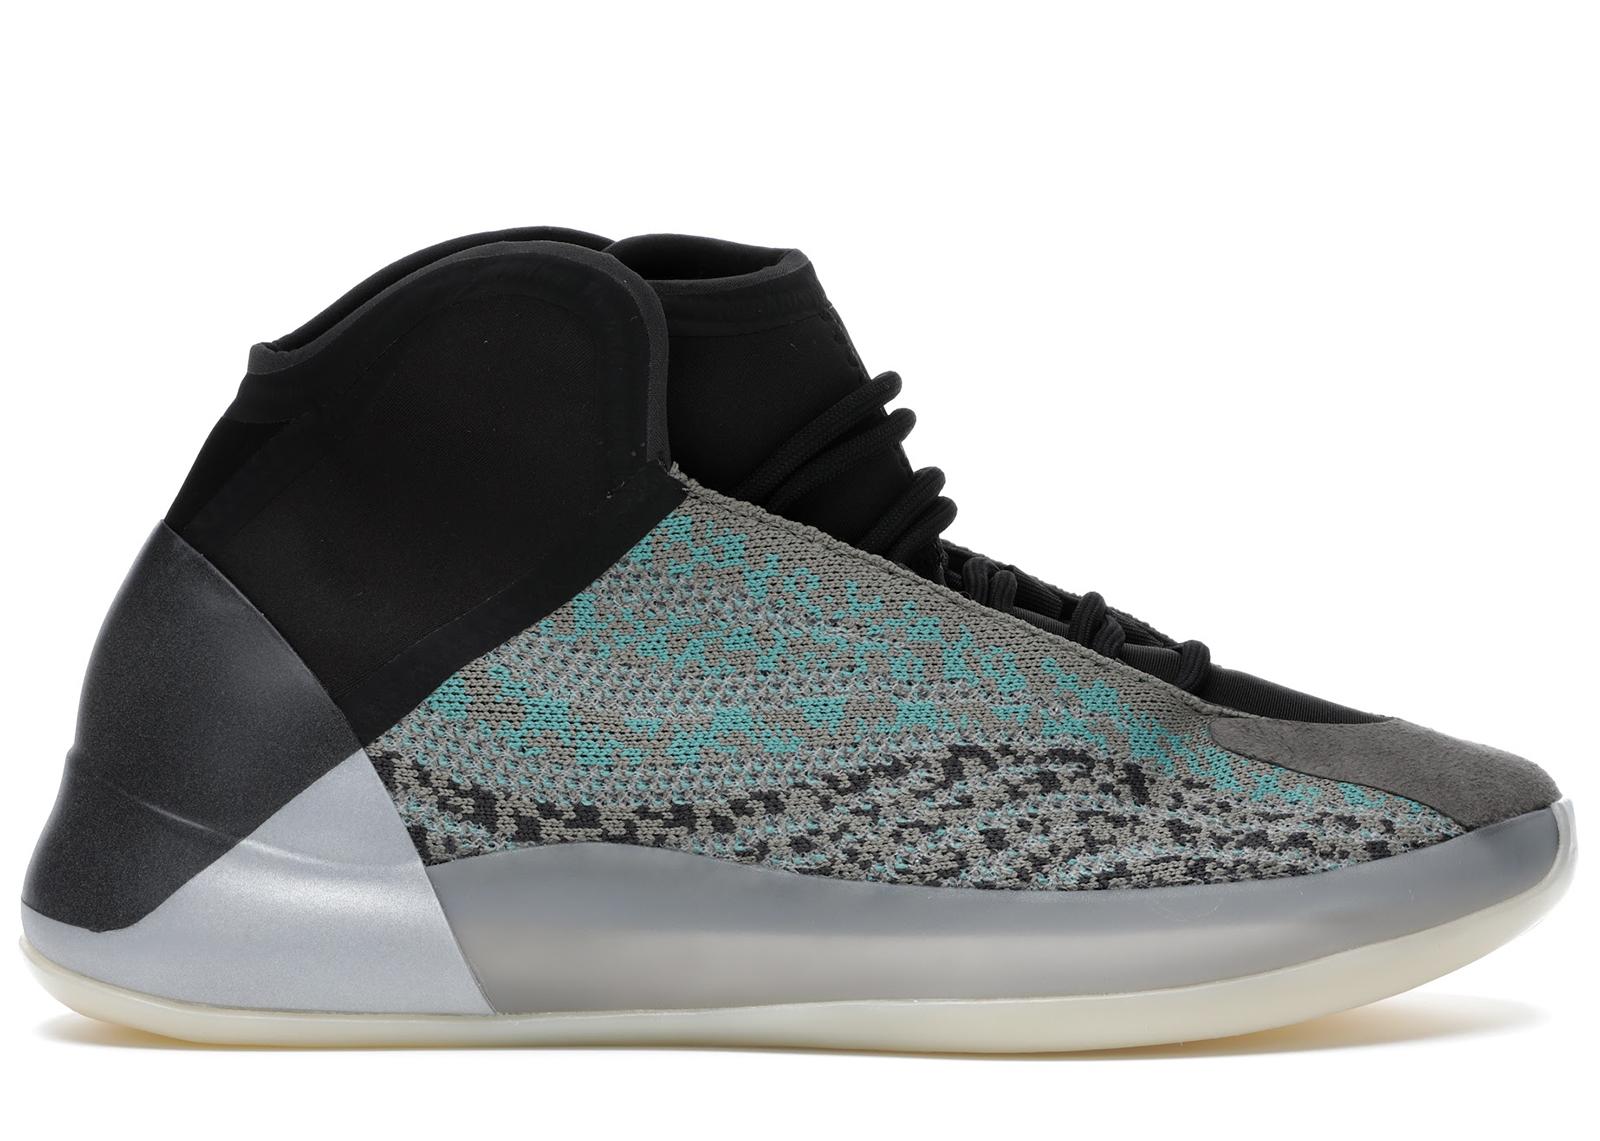 adidas Yeezy QNTM Teal Blue - G58864